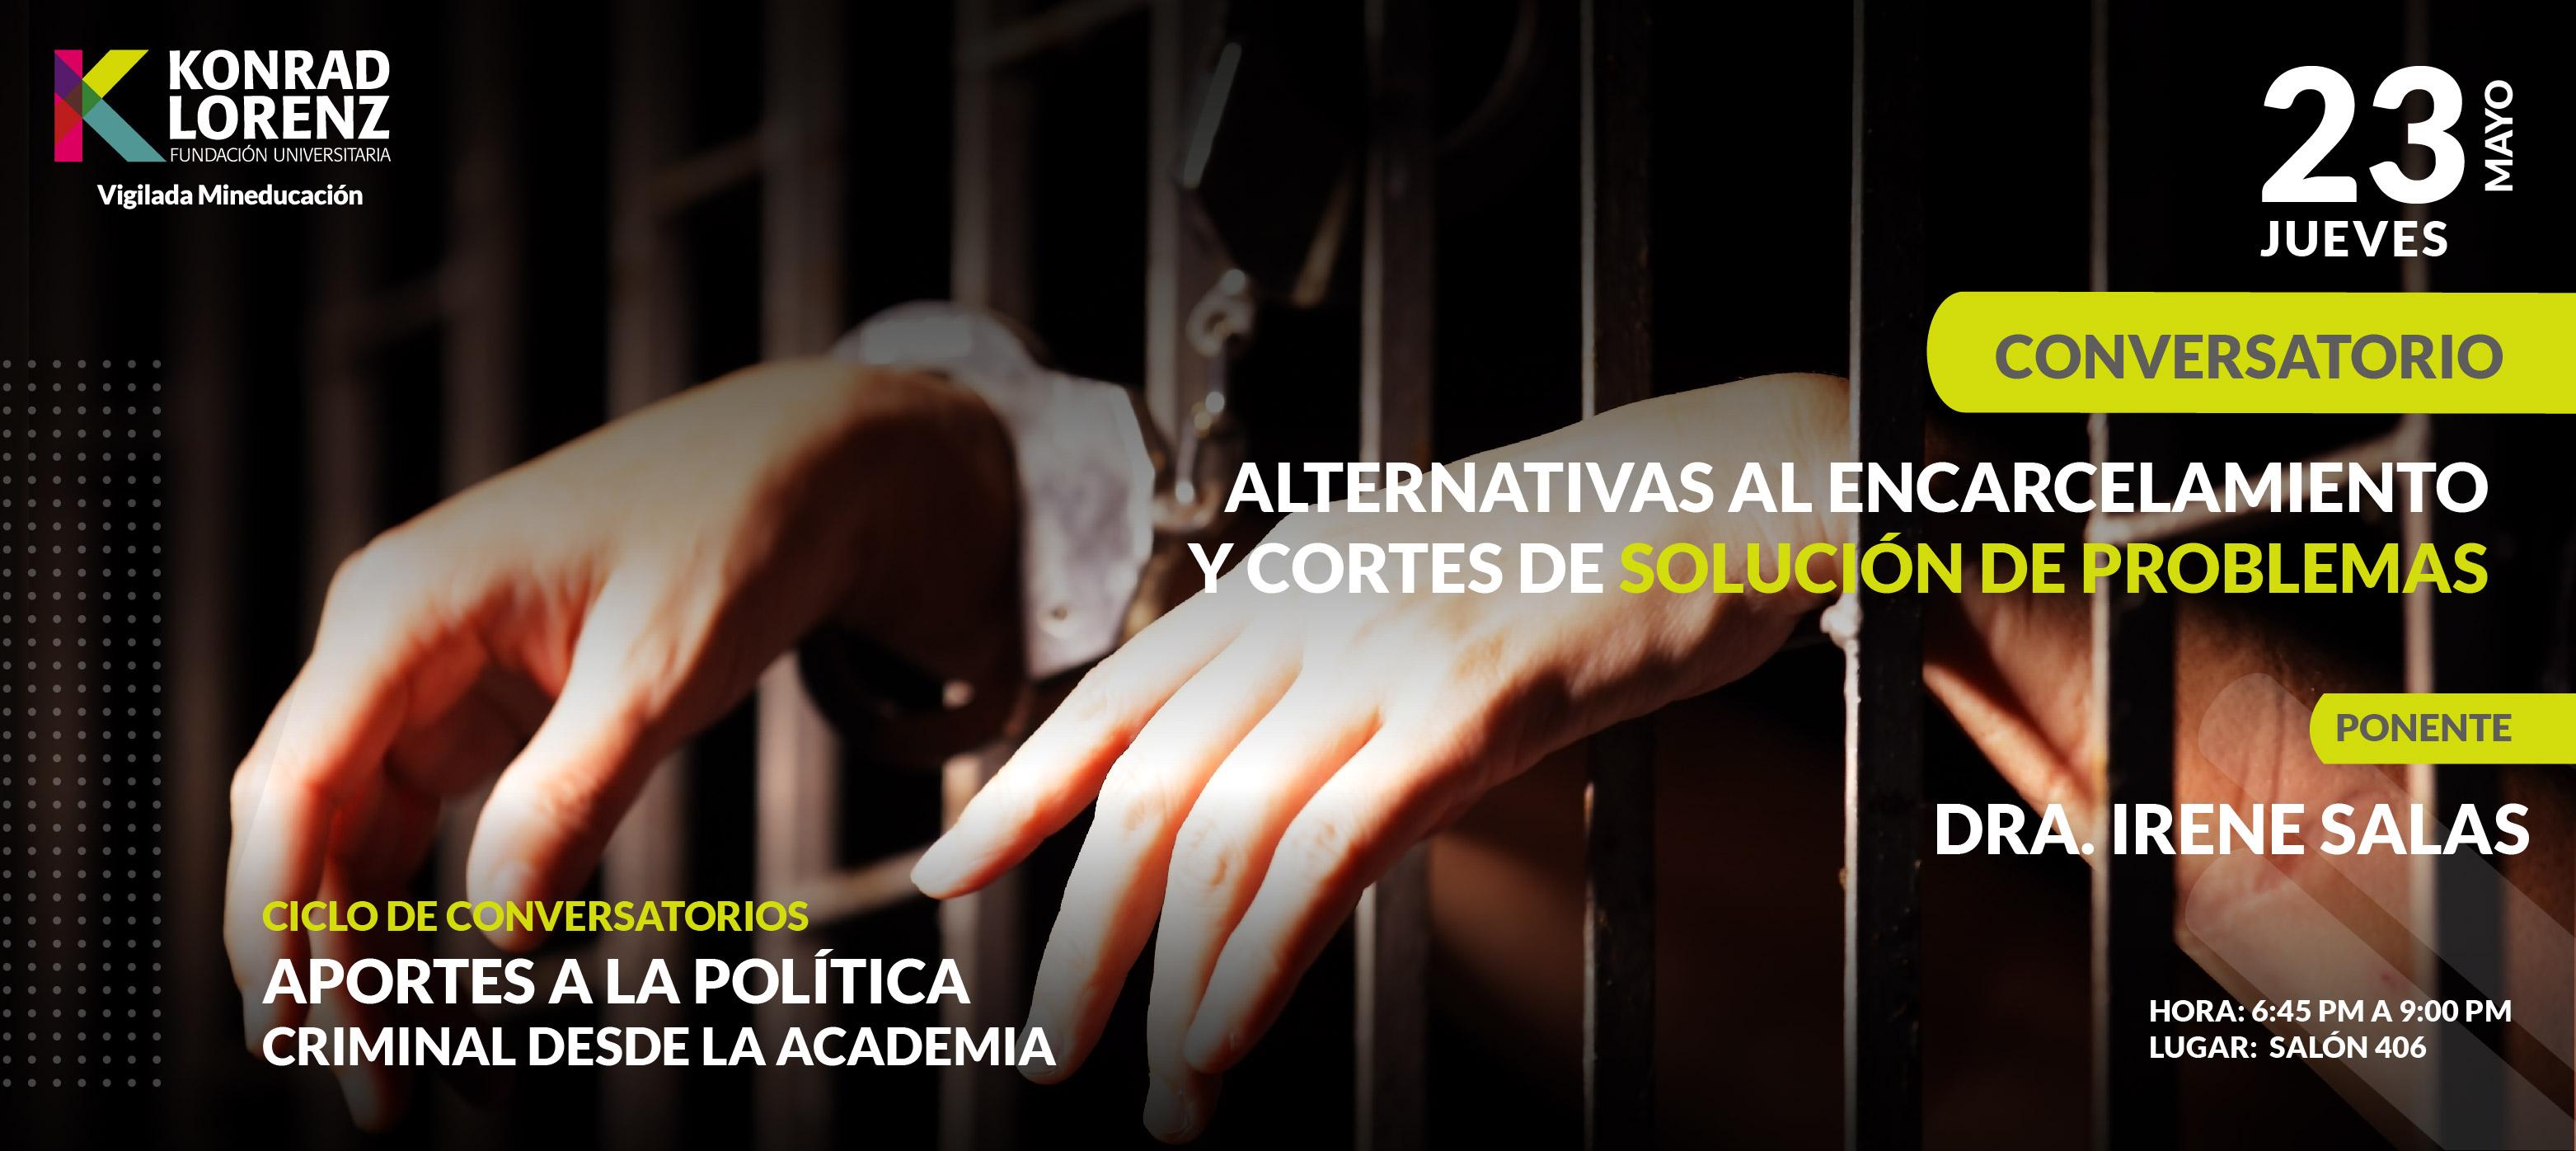 Alternativas al encarcelamiento y Cortes de Solución de Problemas | Cuarto conversatorio